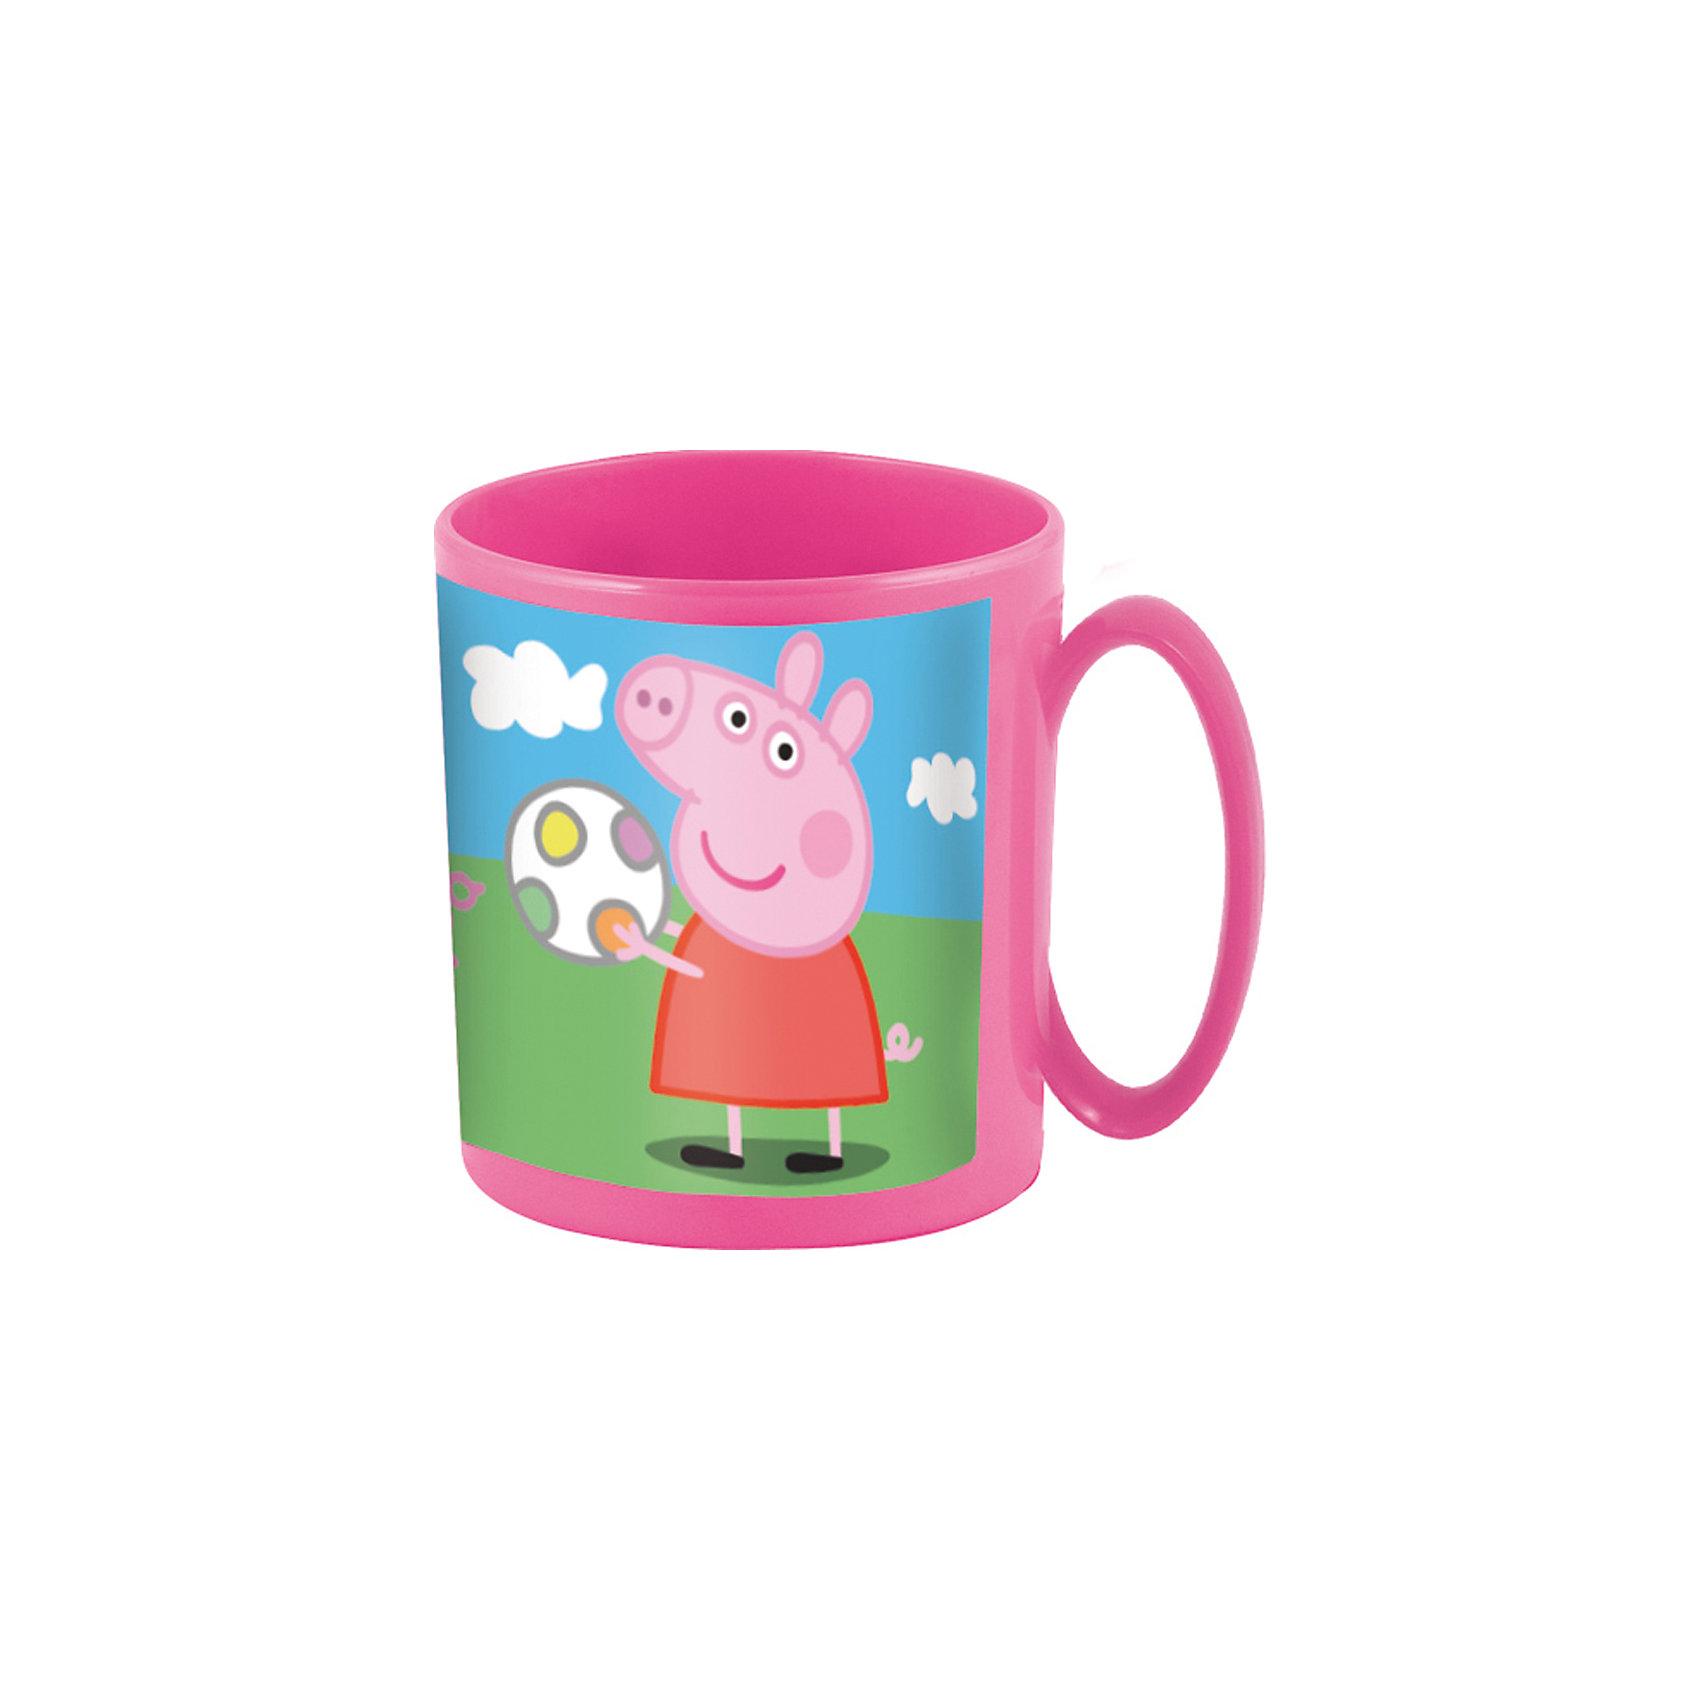 Кружка Свинка Пеппа 350 млКружка с изображением героини любимого мультика про Свинку Пеппу (Peppa Pig).<br><br>Дополнительная информация:<br><br>Объем: 350 мл<br>Материал: пластик<br><br>Кружку Свинка Пеппа 350 мл можно купить в нашем магазине.<br><br>Ширина мм: 110<br>Глубина мм: 125<br>Высота мм: 90<br>Вес г: 73<br>Возраст от месяцев: 36<br>Возраст до месяцев: 84<br>Пол: Унисекс<br>Возраст: Детский<br>SKU: 4536187